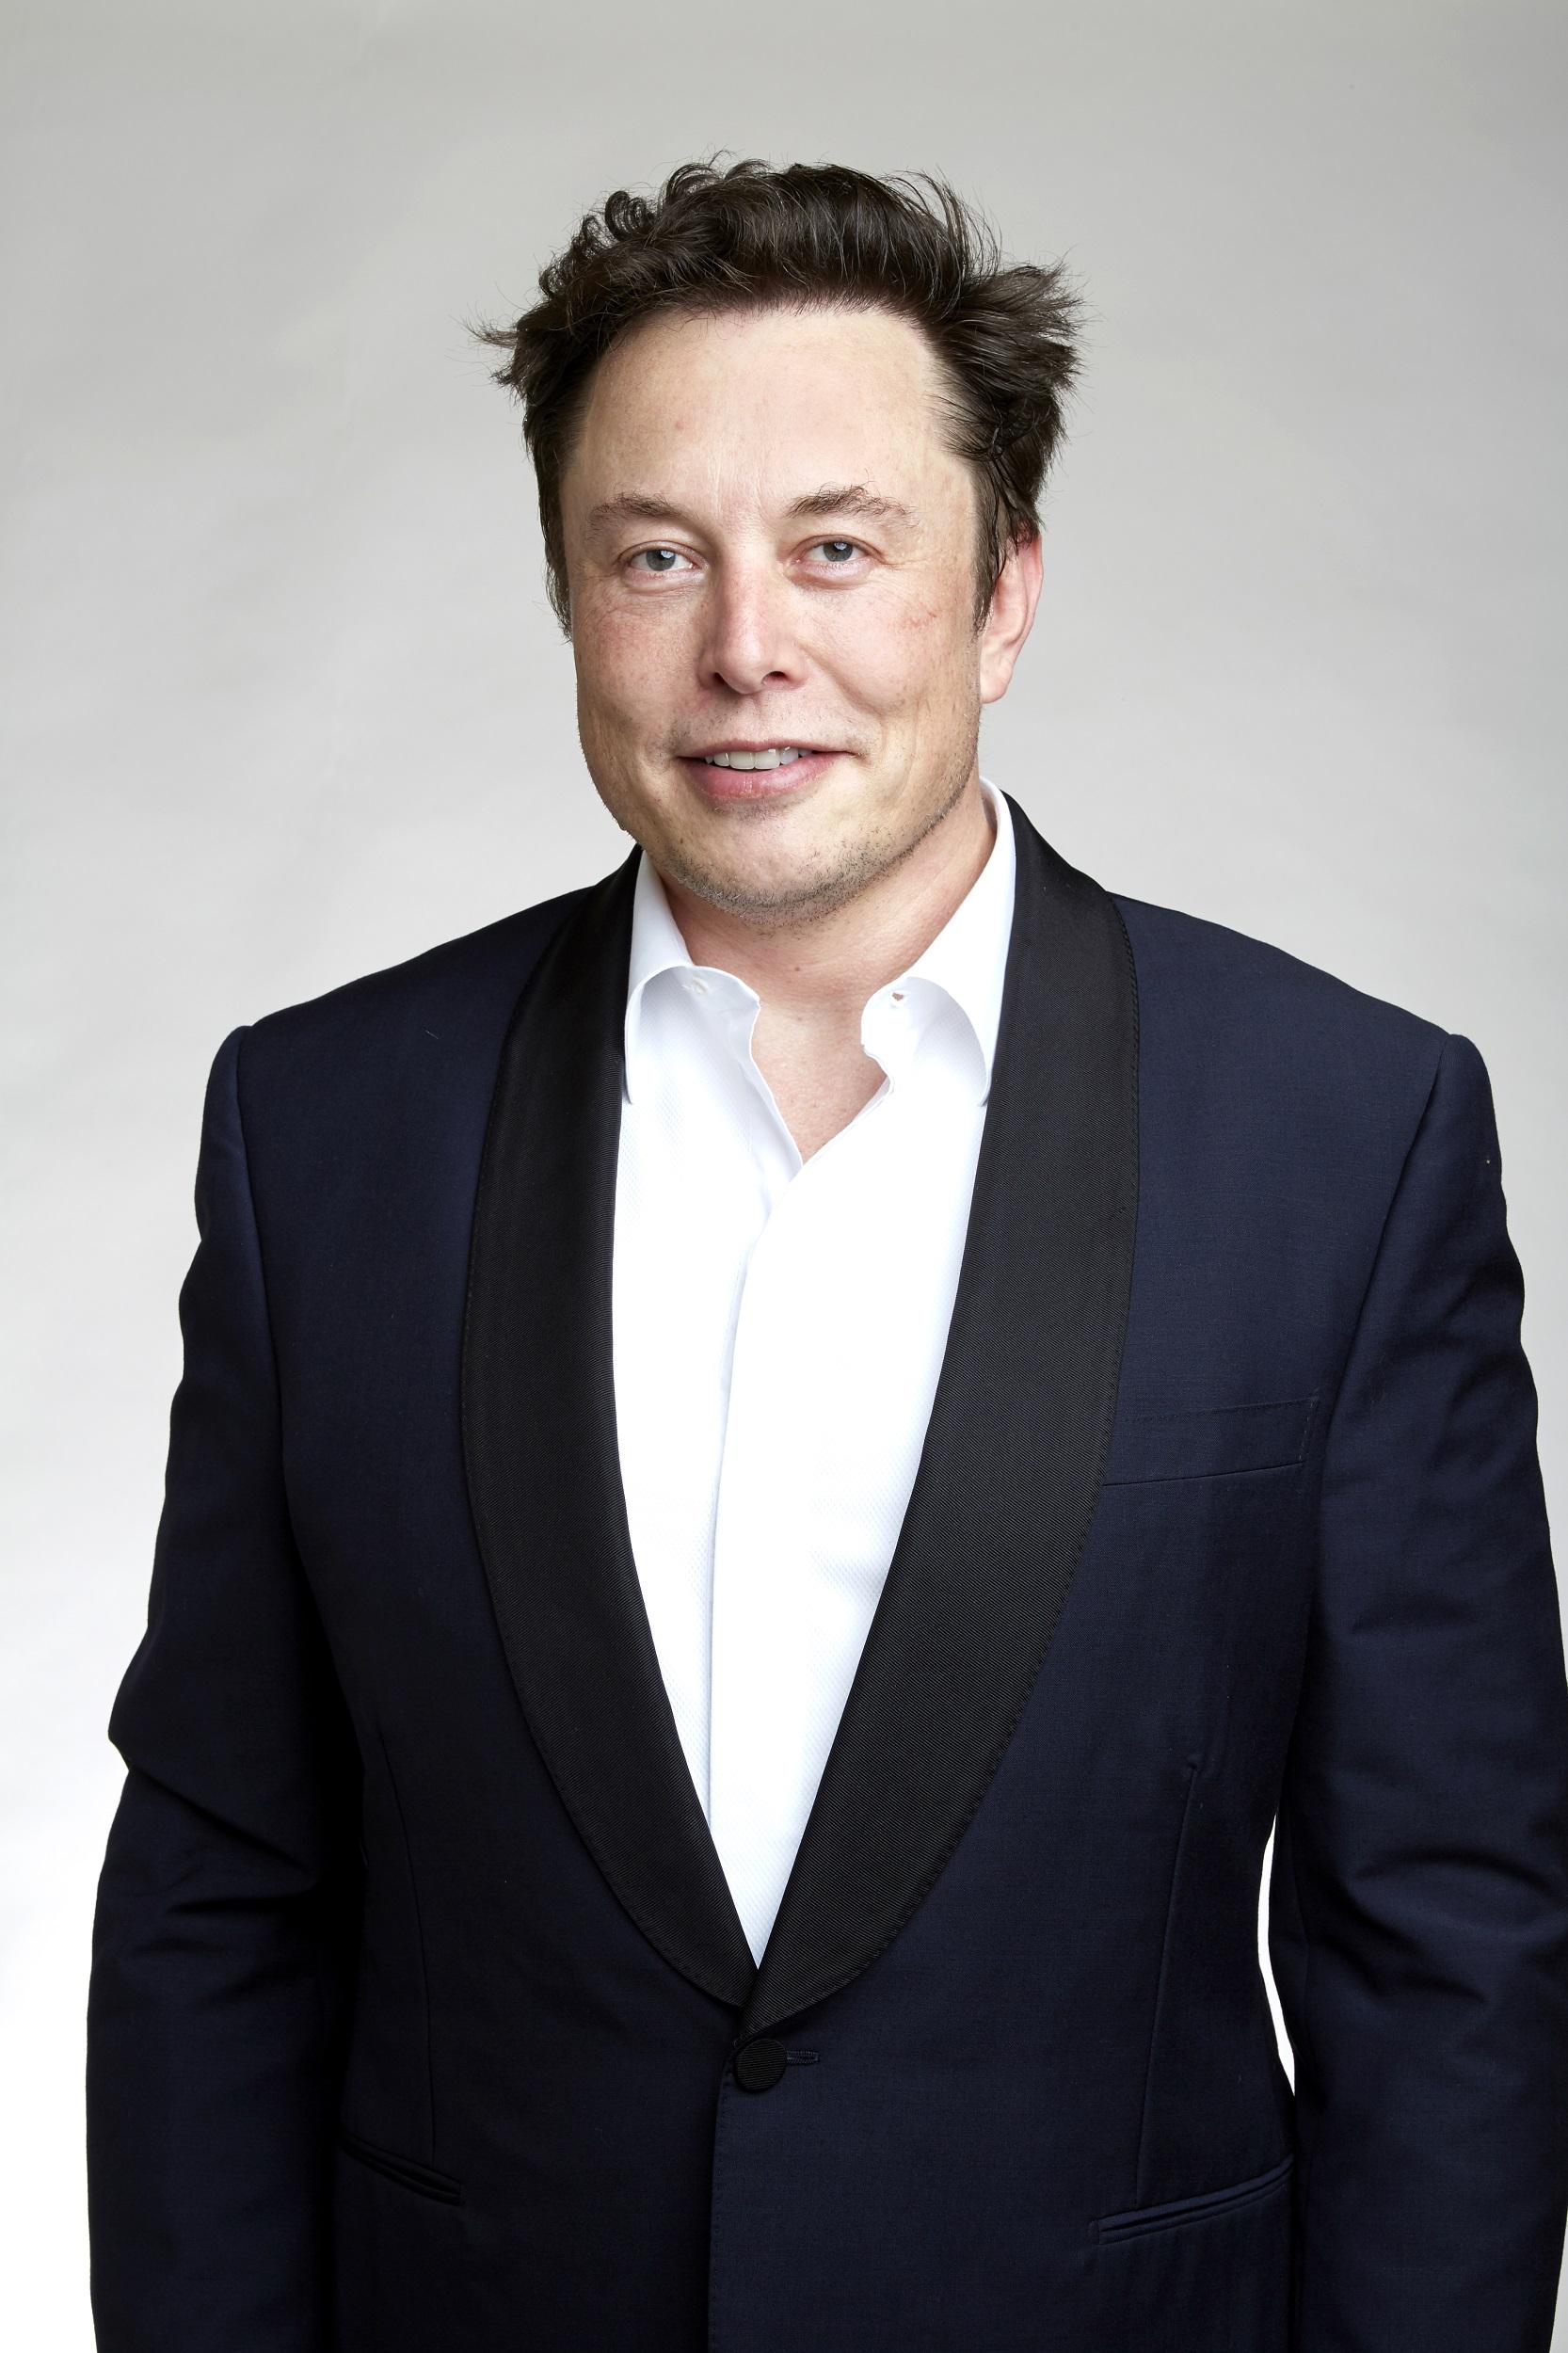 Veja o que saiu no Migalhas sobre Elon Musk